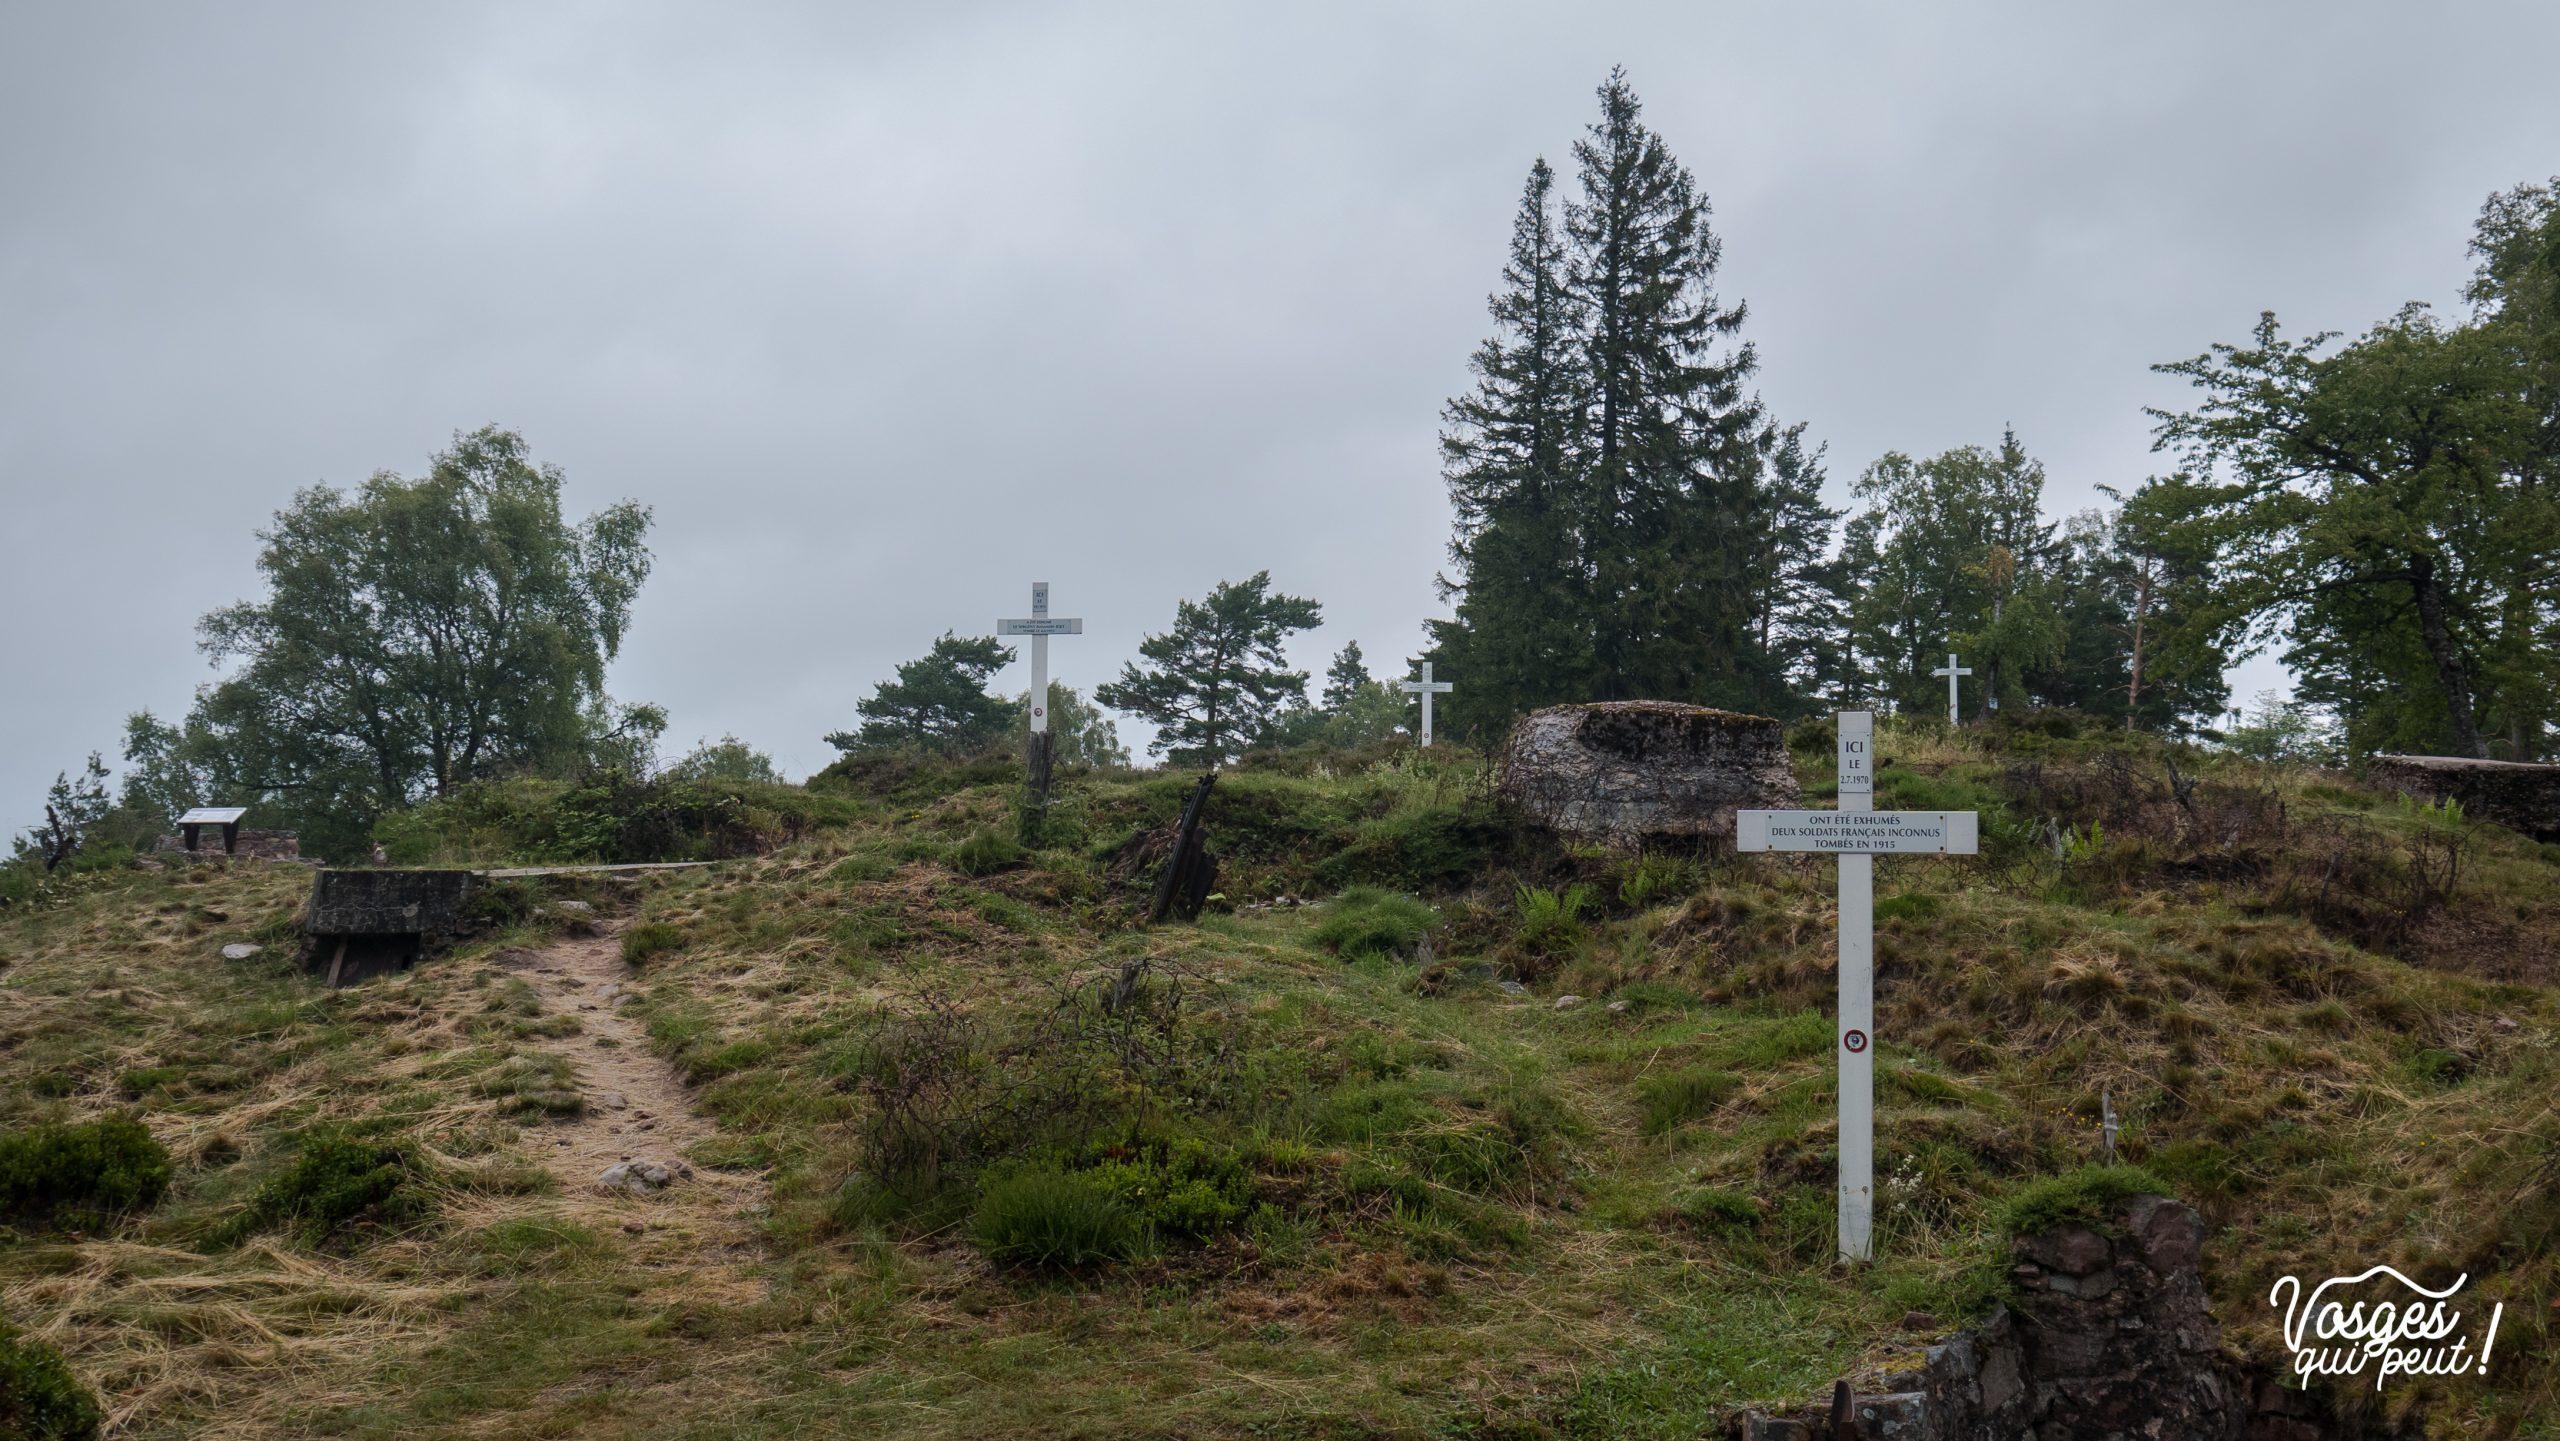 Vue du champ de bataille du Linge avec plusieurs croix de soldats